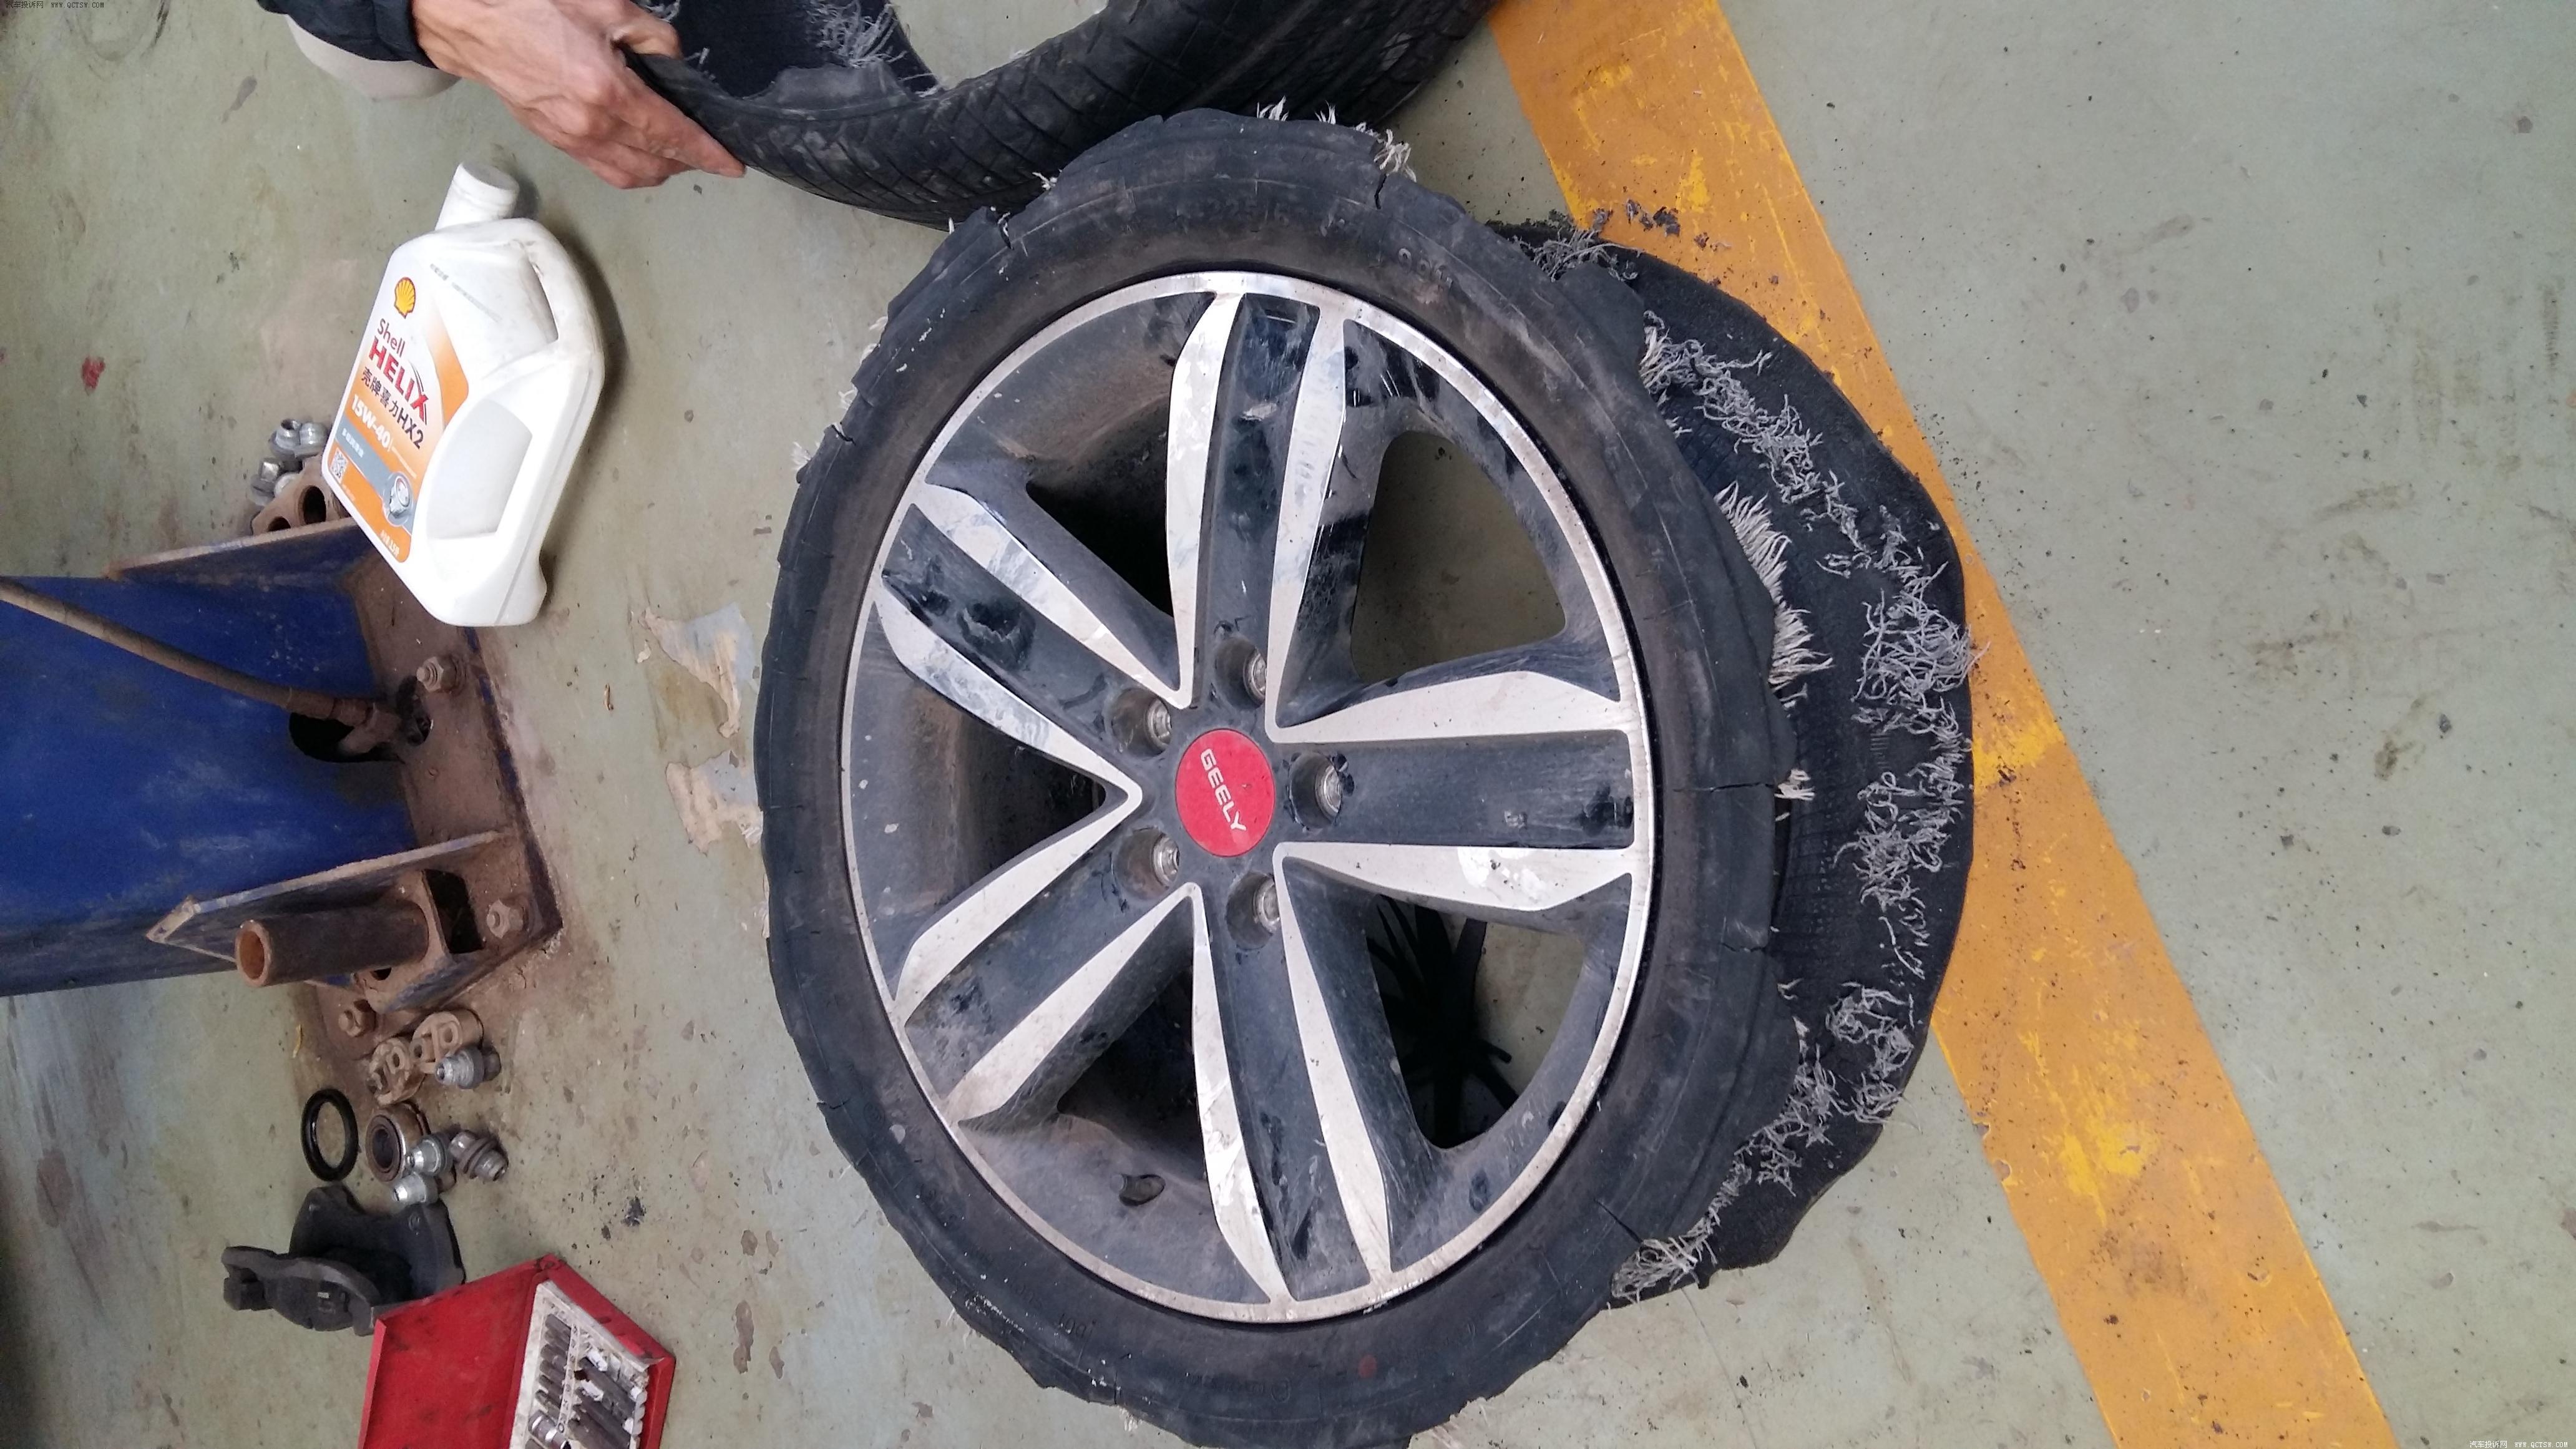 银川男子给轮胎充气发生爆炸,爆炸威力有多大?